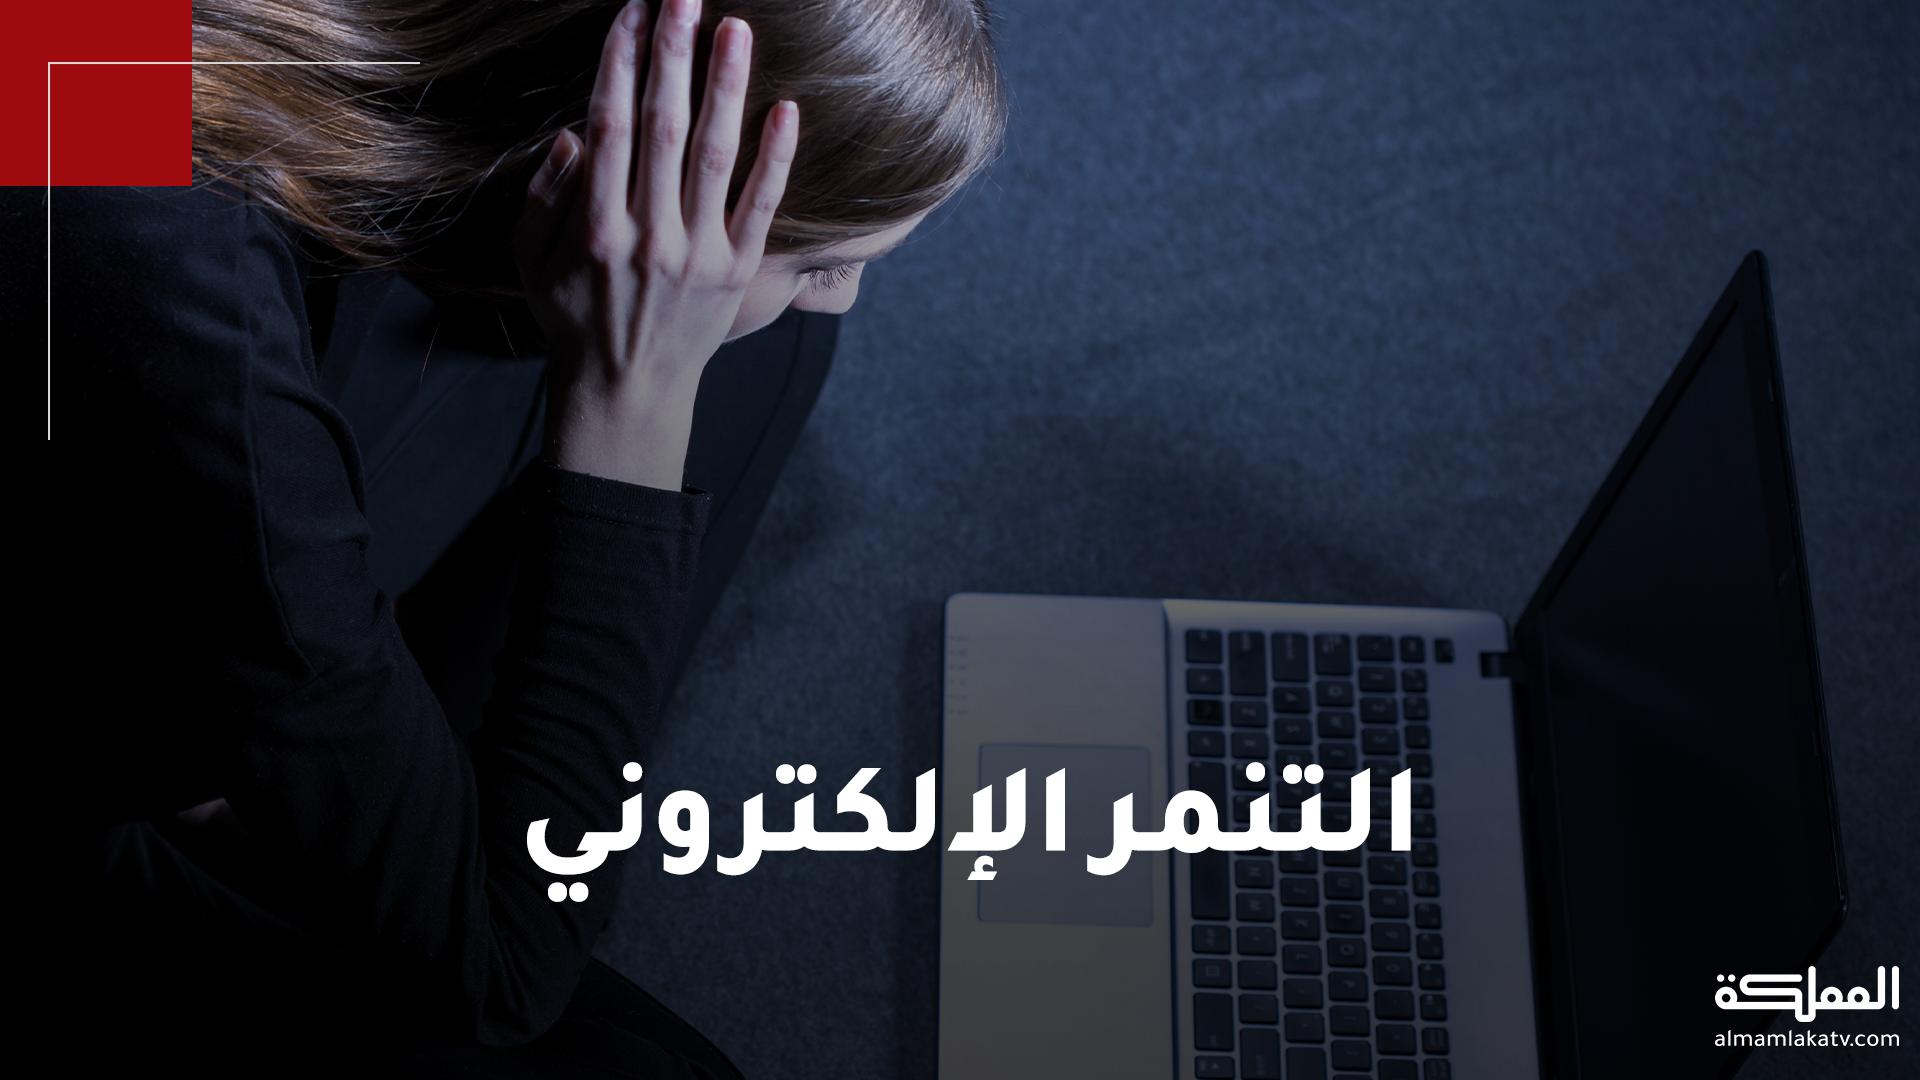 كيف تعرف أن طفلك يتعرض للتنمر الإلكتروني؟